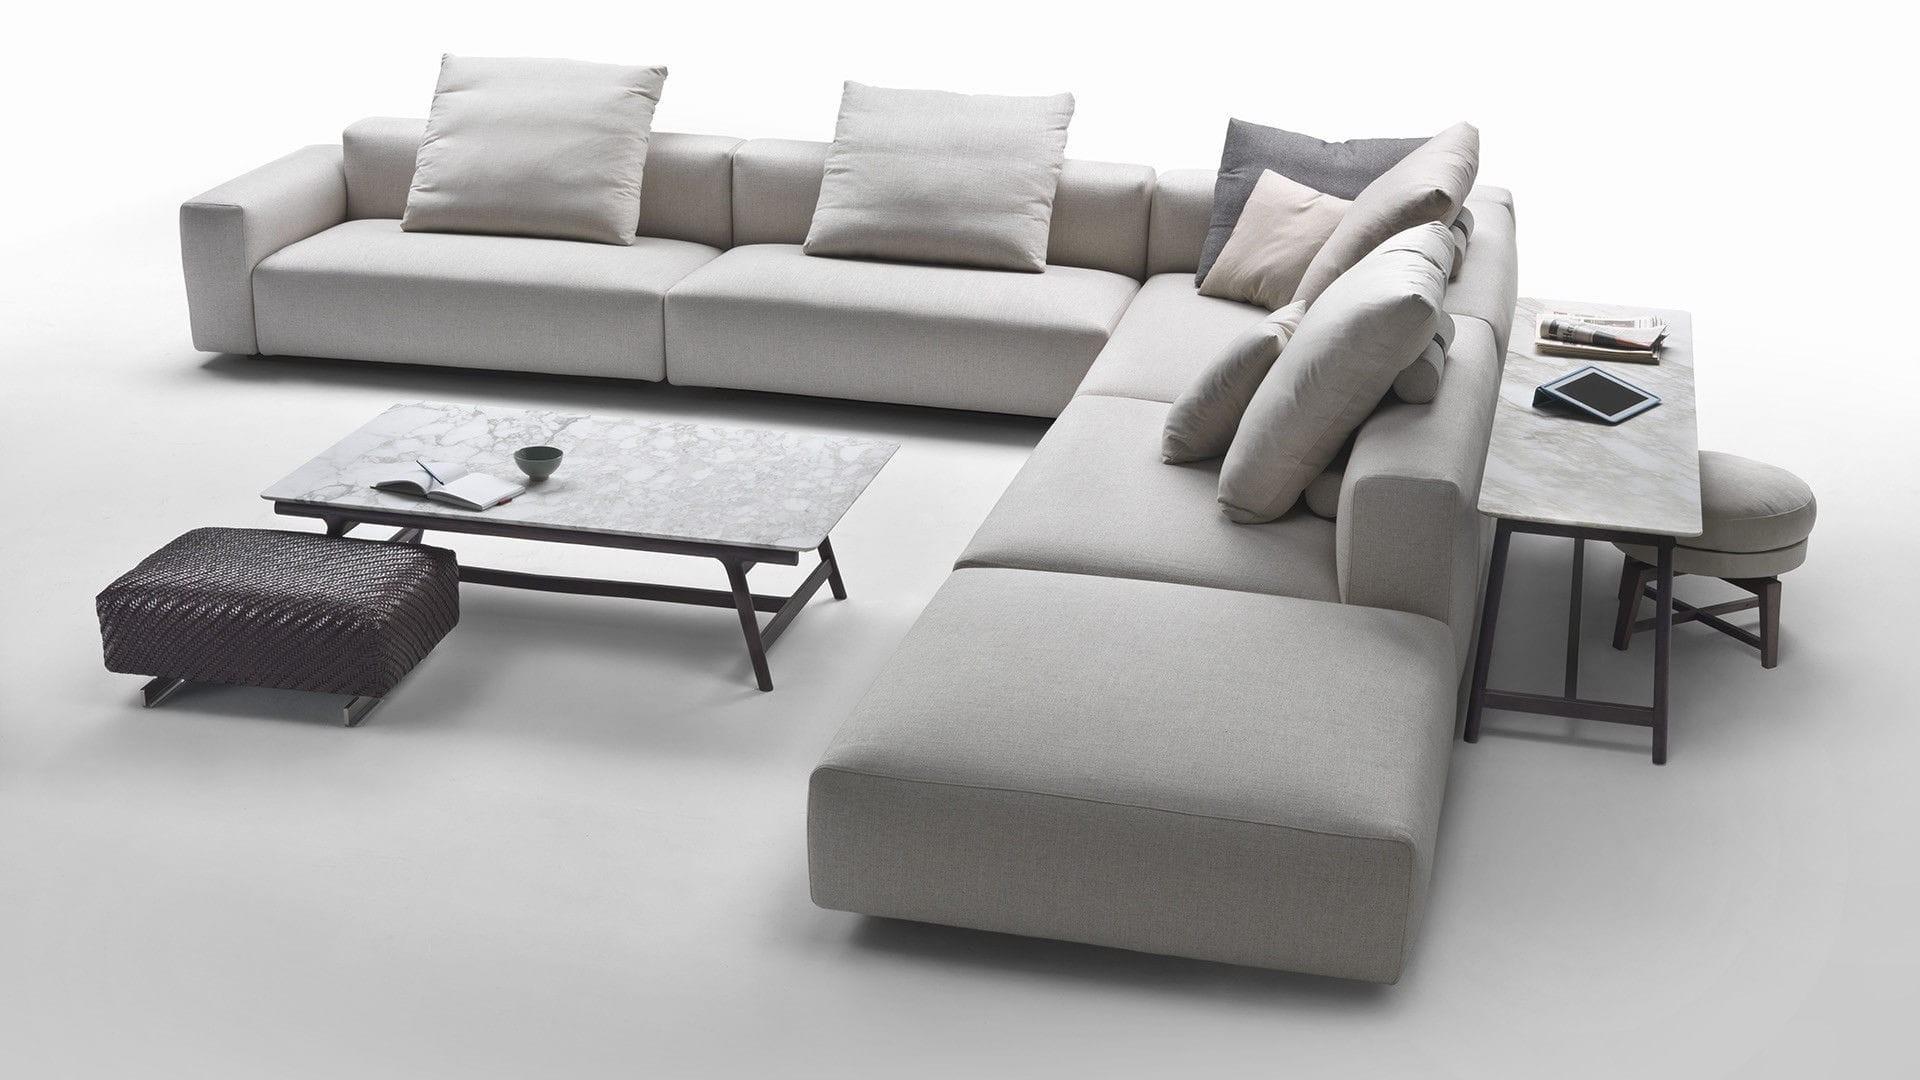 Full Size of Flexform Sofa Cost Ebay Furniture Groundpiece Preis Cestone Mit Verstellbarer Sitztiefe 3 Sitzer Relaxfunktion Baxter Blaues Landhaus Schlaffunktion U Form Sofa Flexform Sofa